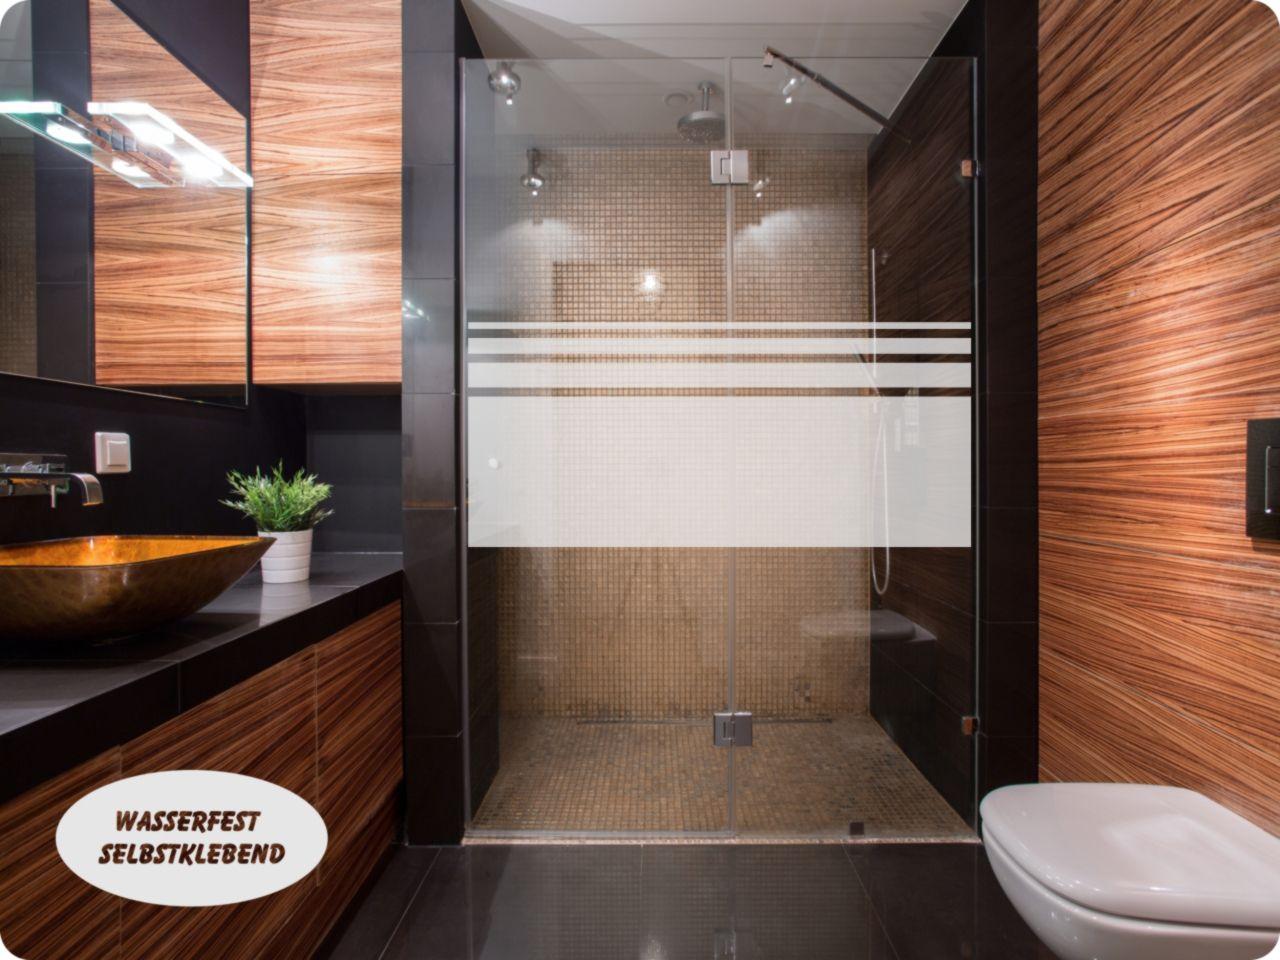 Aufkleber Folie Dusche Sichtschutz 650 Streifen 65cm Hoch Fensterfolie Badezimmerideen Sichtschutz